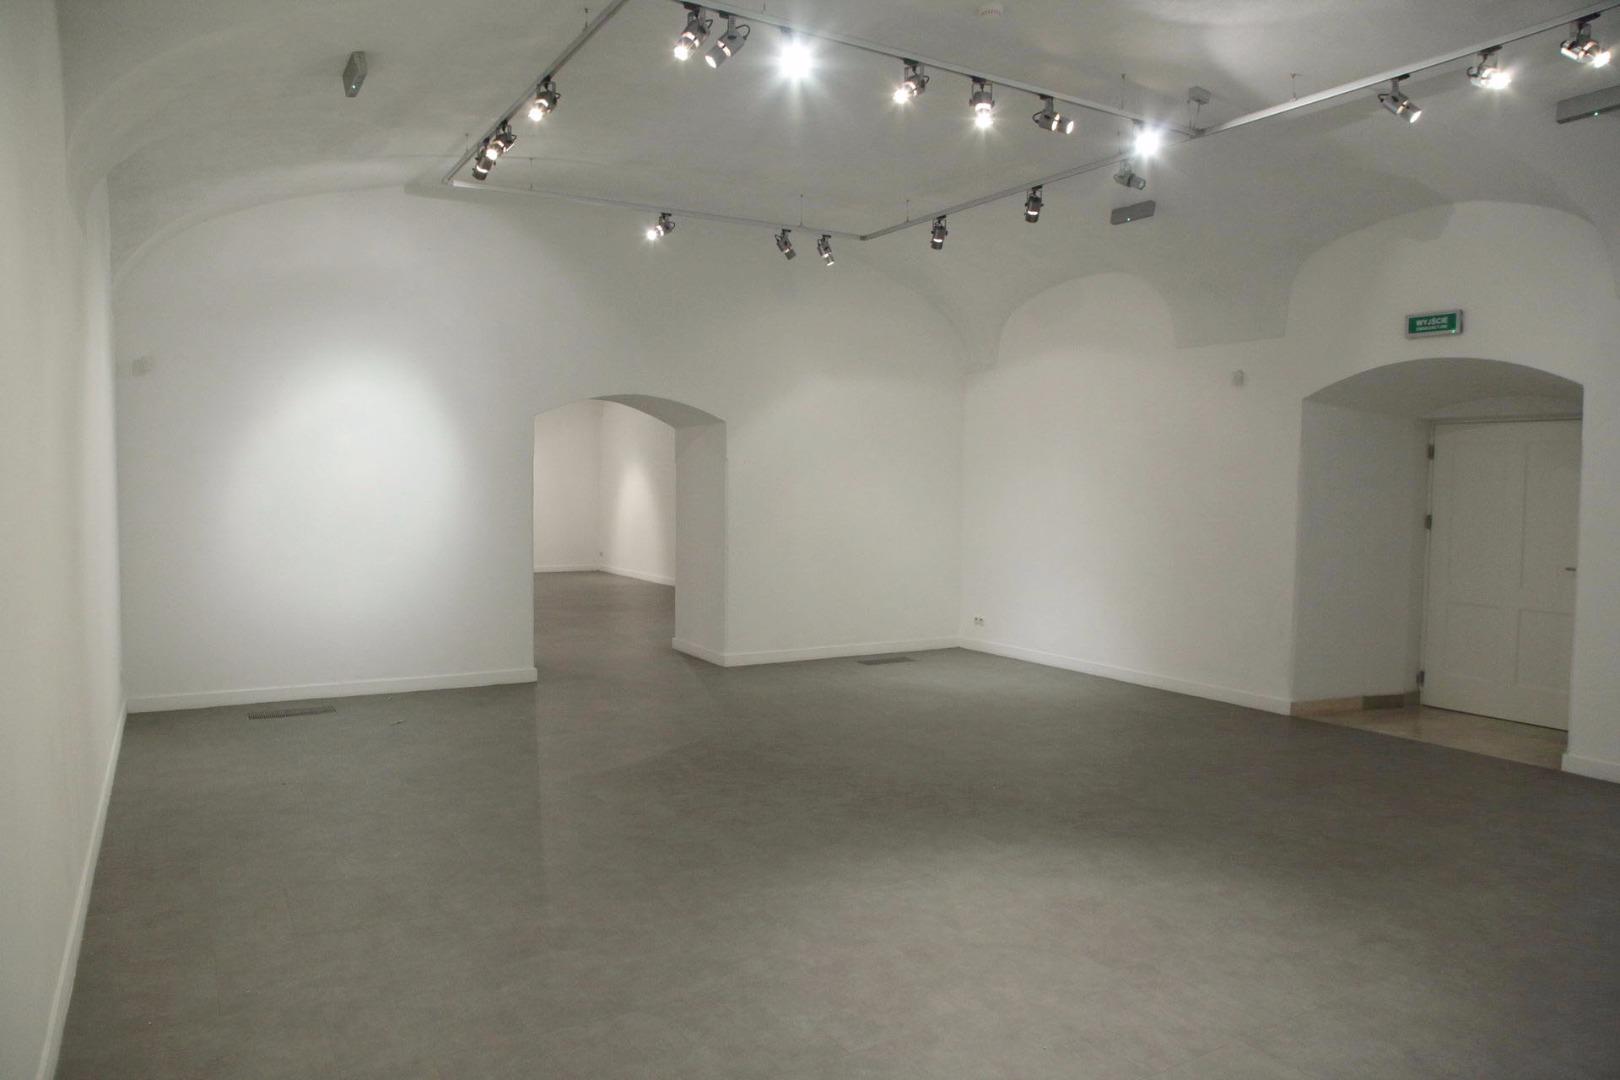 The Biała Gallery in Lublin